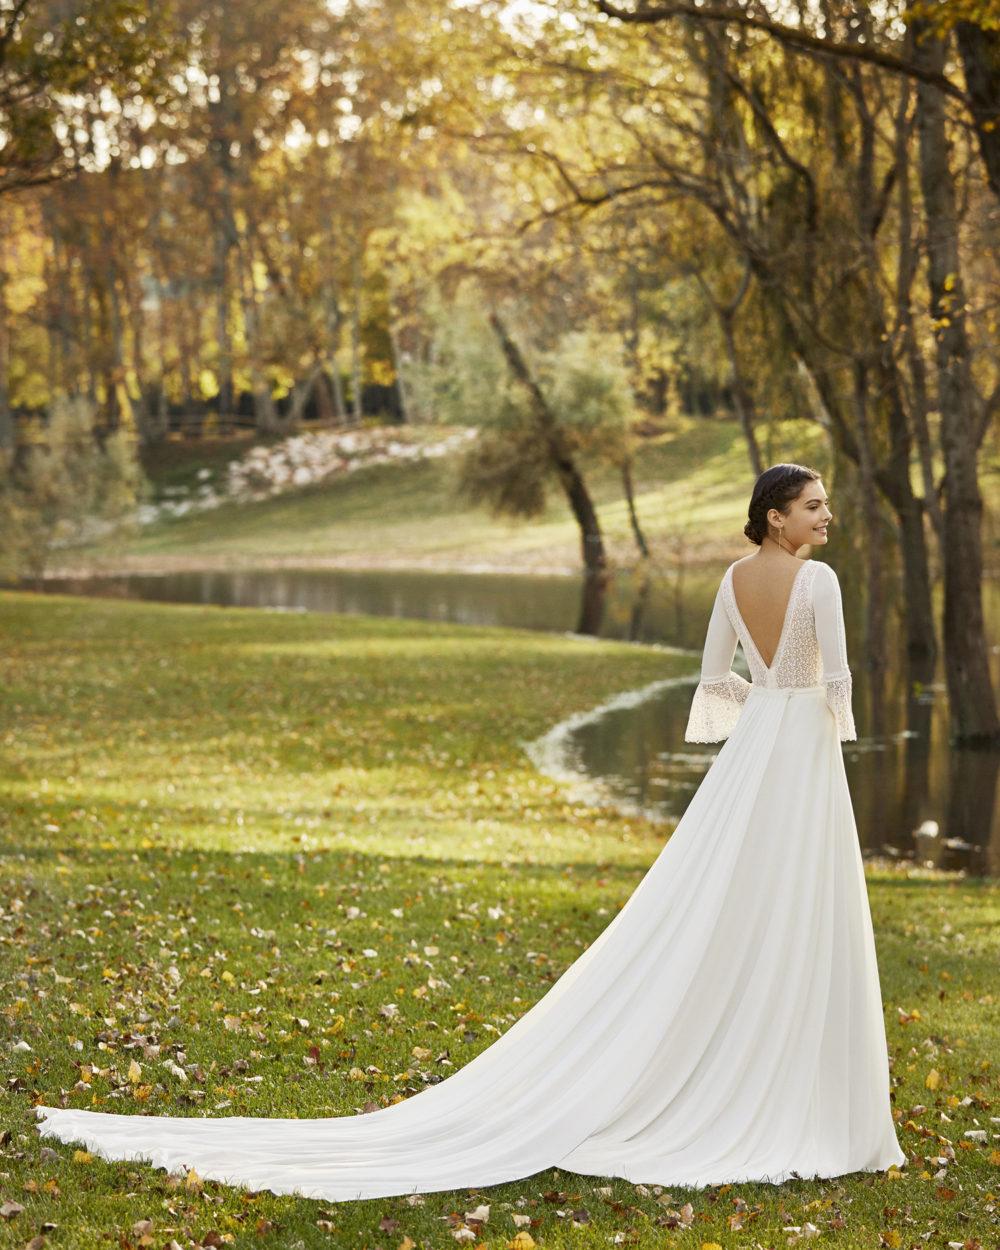 Mariages: abito da sposa Rosa Clarà 2020 a Vicenza, Verona, Padova, Veneto 4B235 OKONDO